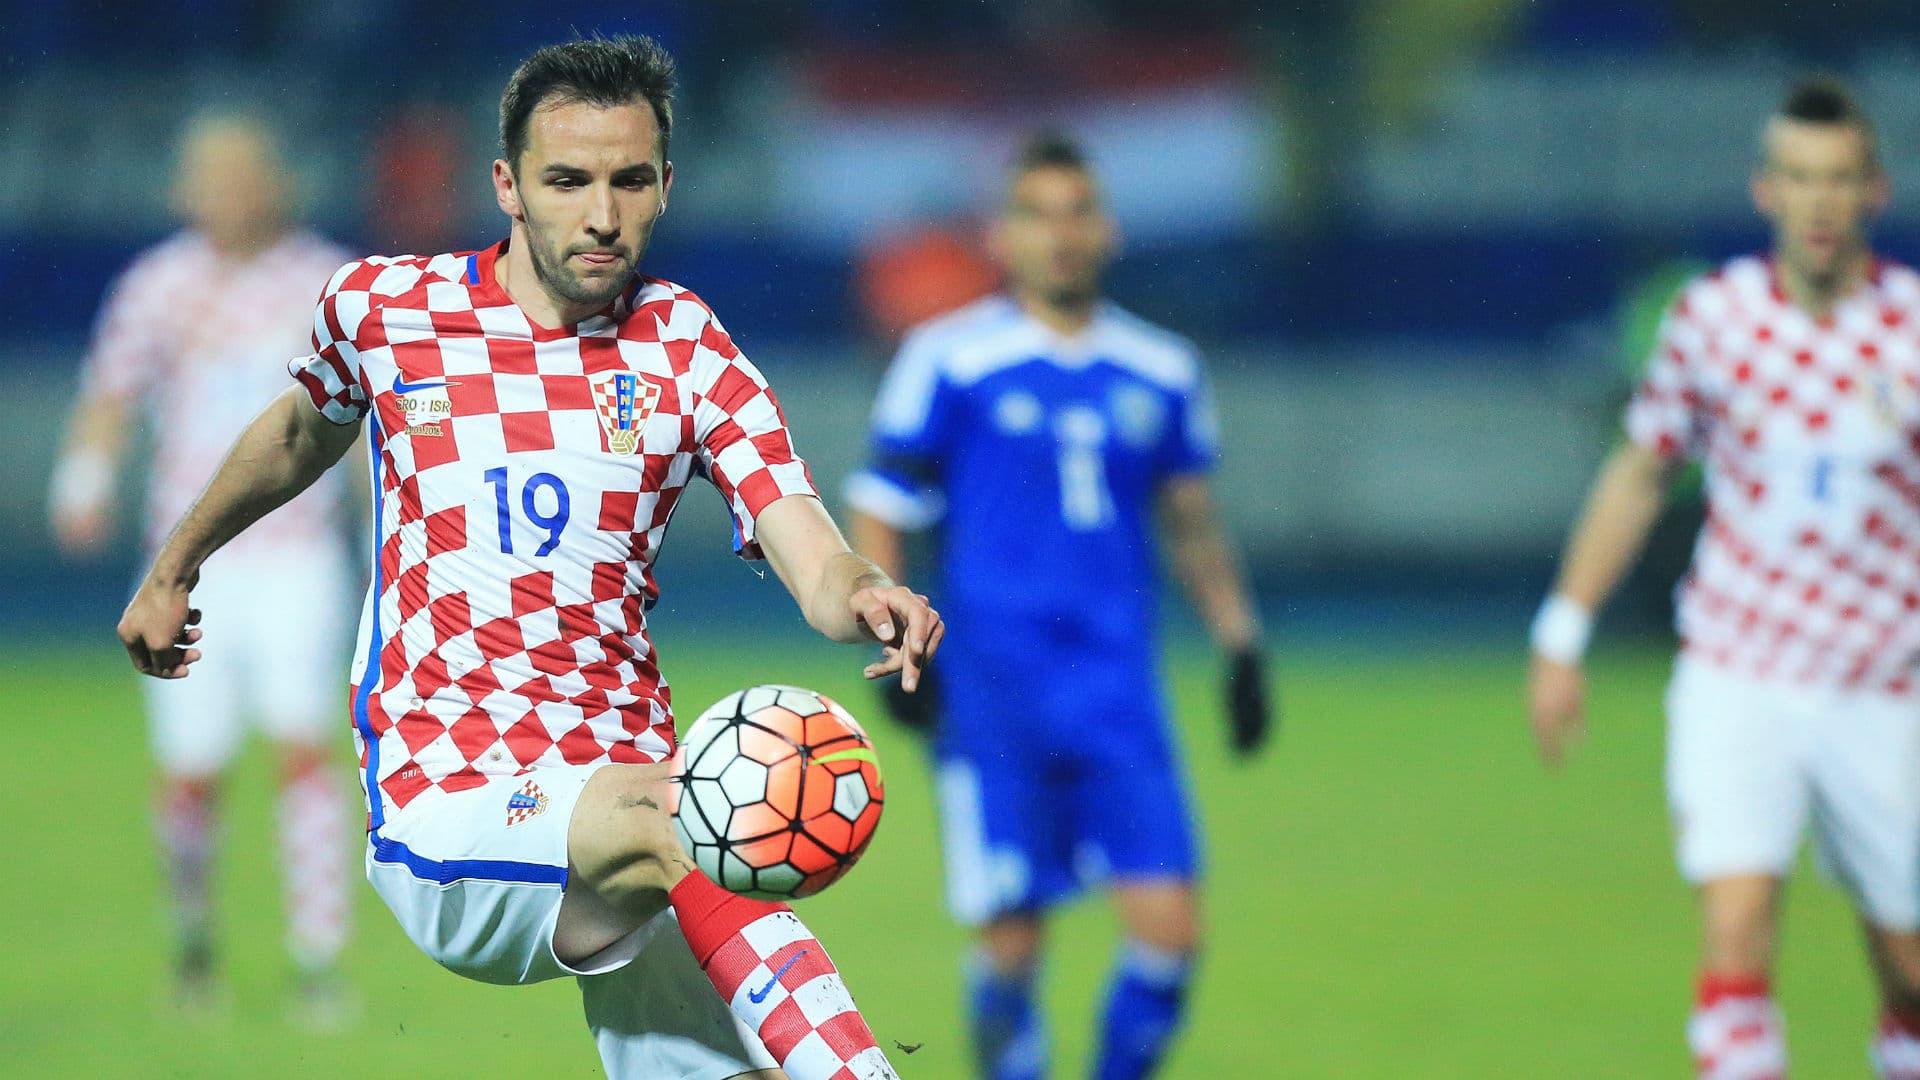 لاعب كرواتيا يخلع ملابسه داخل الملعب من أجل جمهوره في اليورو (صور)